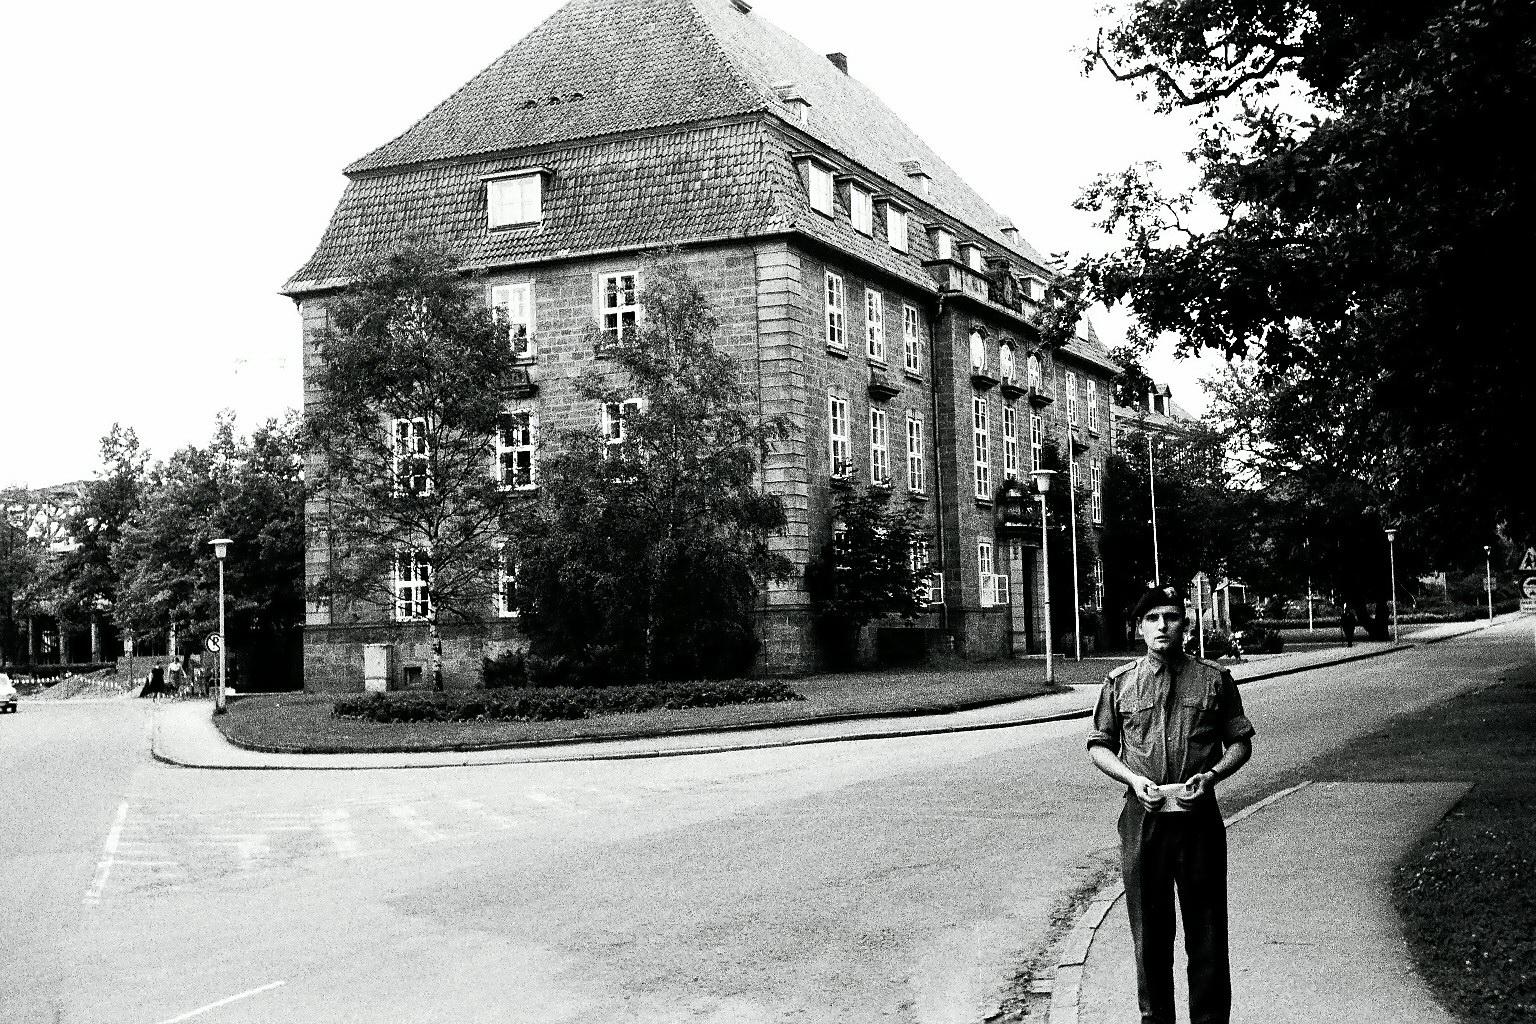 Kaserne in Arolsen 1967